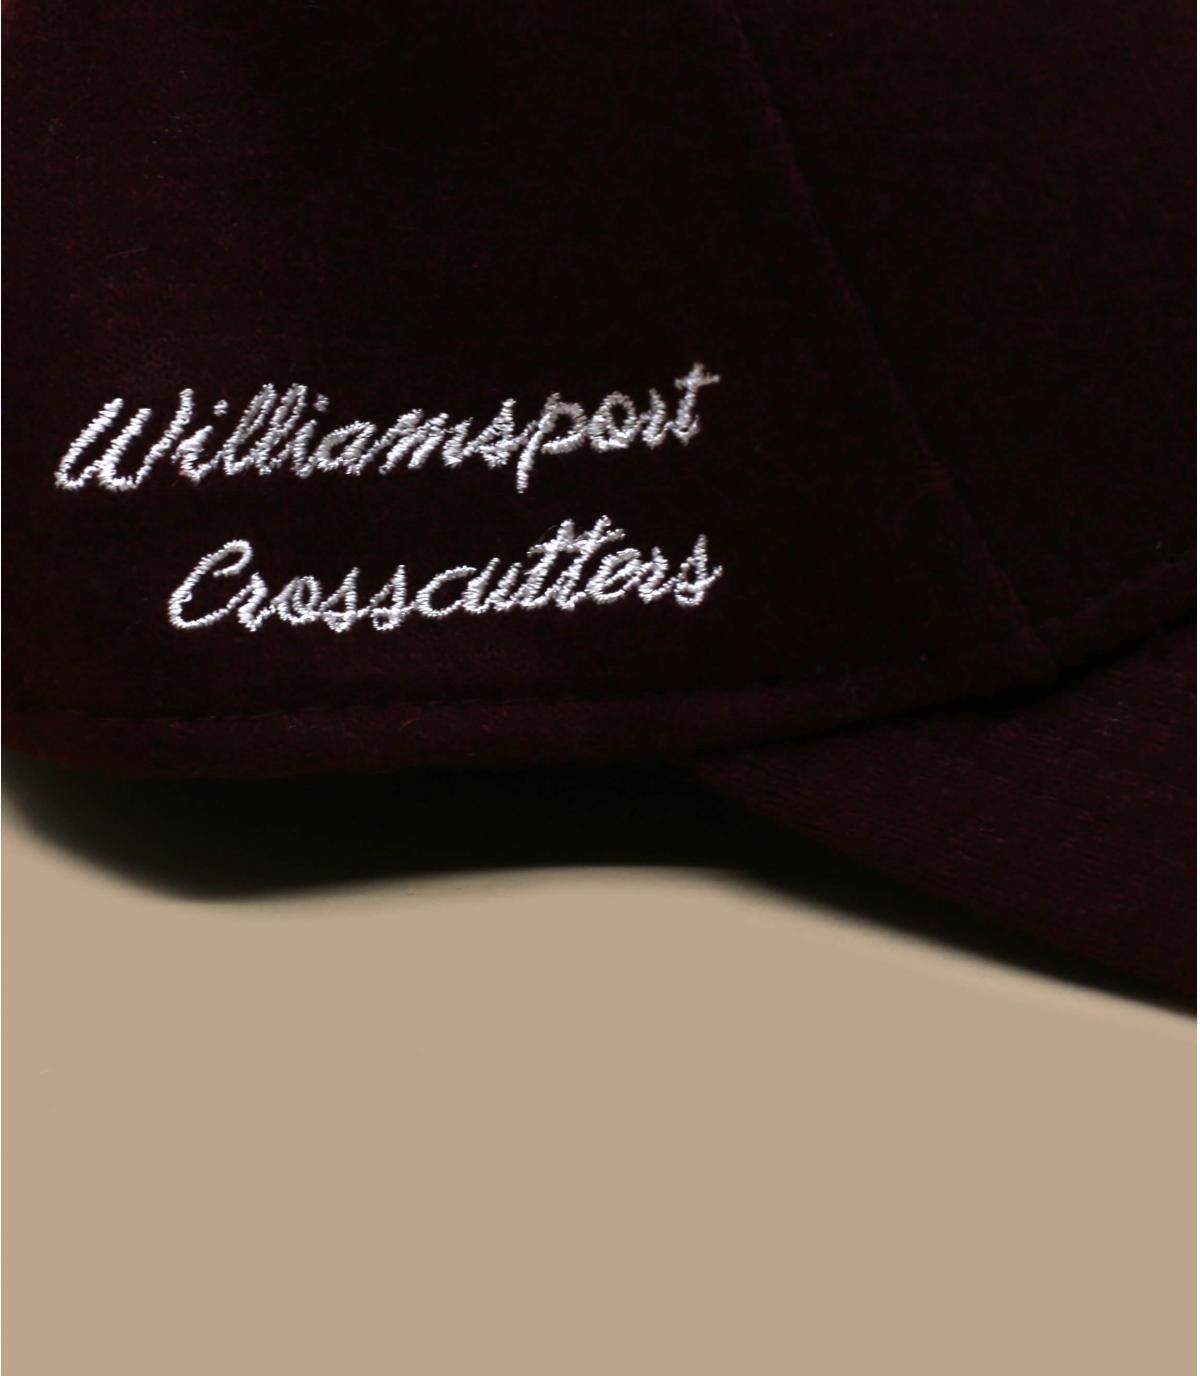 Details Minor League 950 Crosscutters burgundy - Abbildung 3